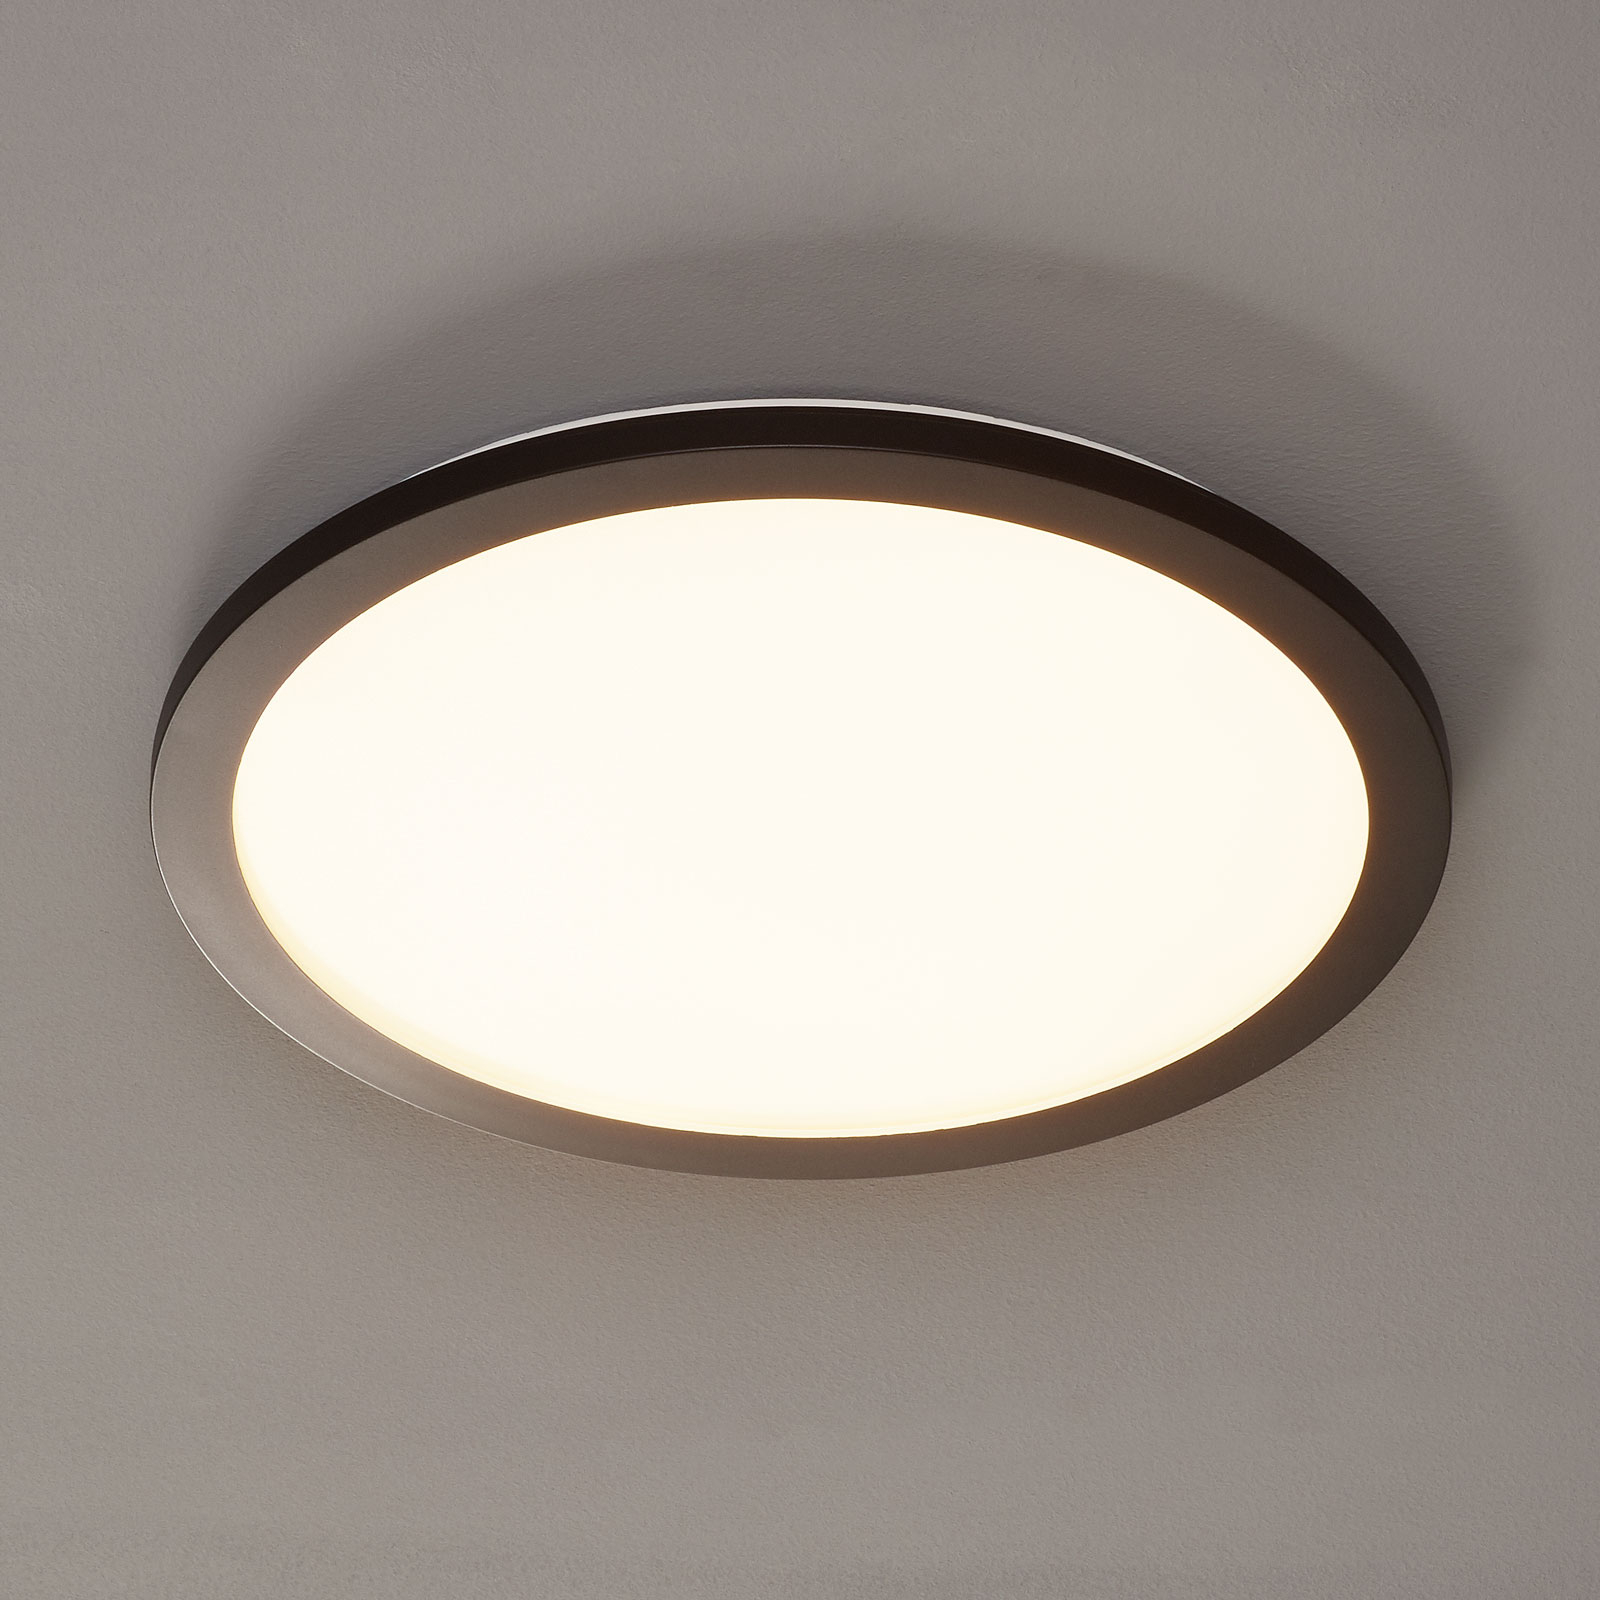 LED-kattolamppu Camillus, pyöreä, Ø 40 cm